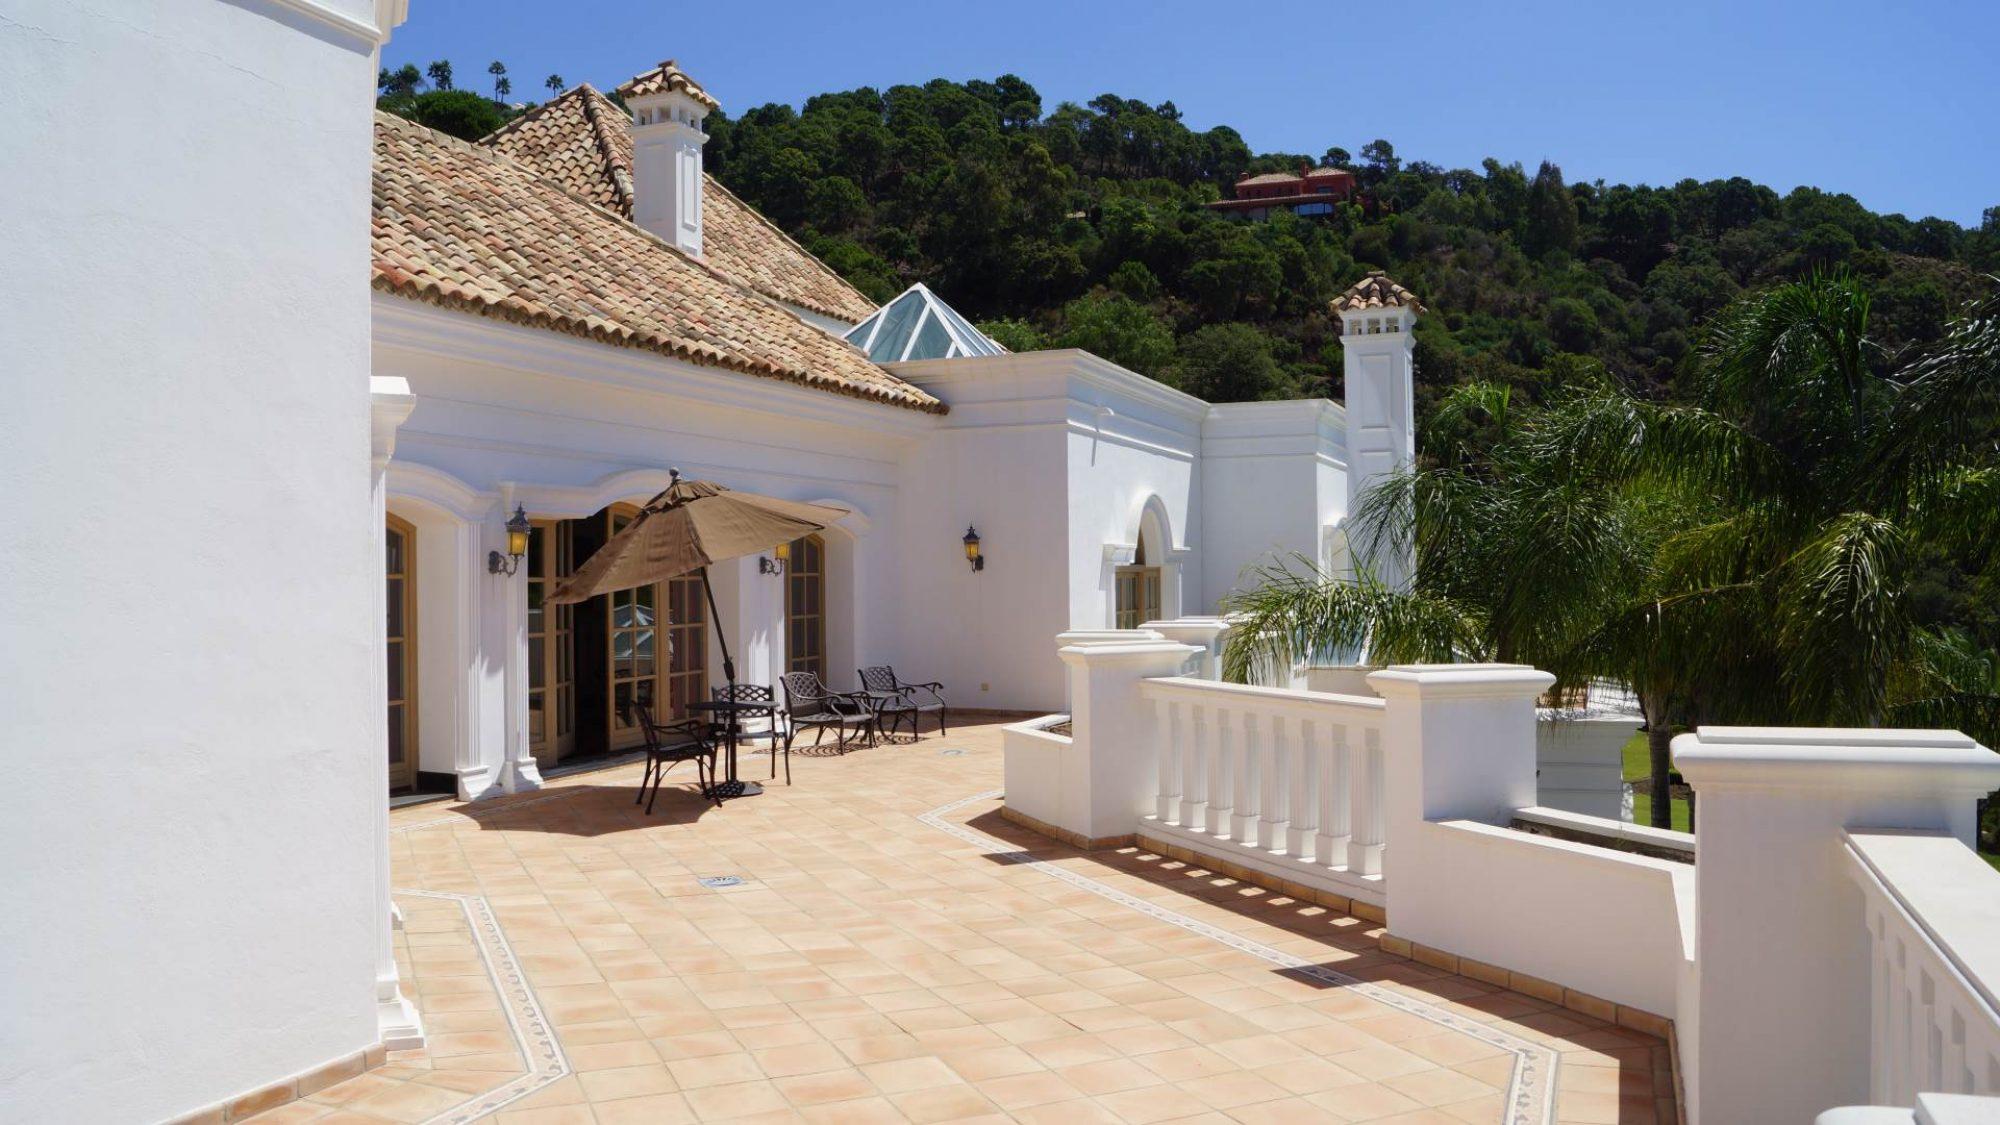 villa in la zagaleta master bedroom terrace